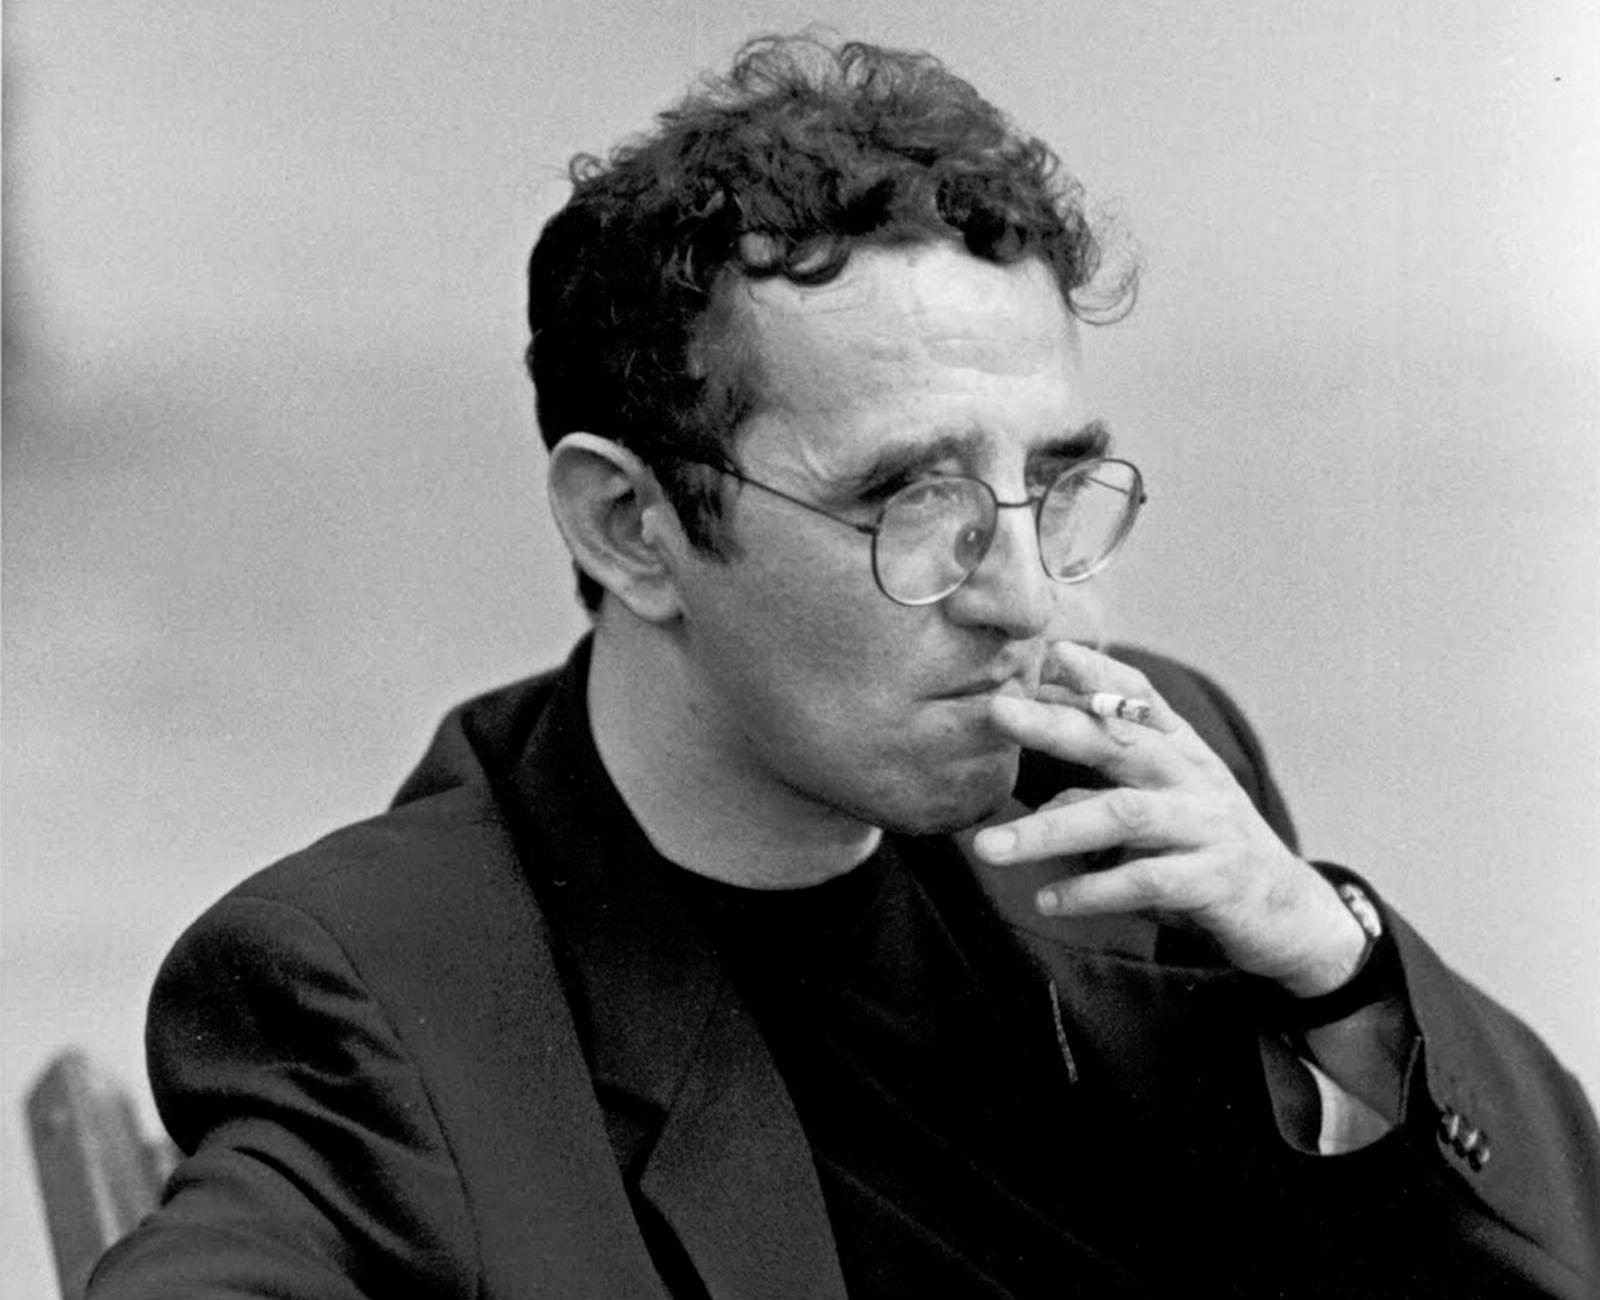 PÚBLICO - O disco rígido do computador de Roberto Bolaño continua a produzir obra